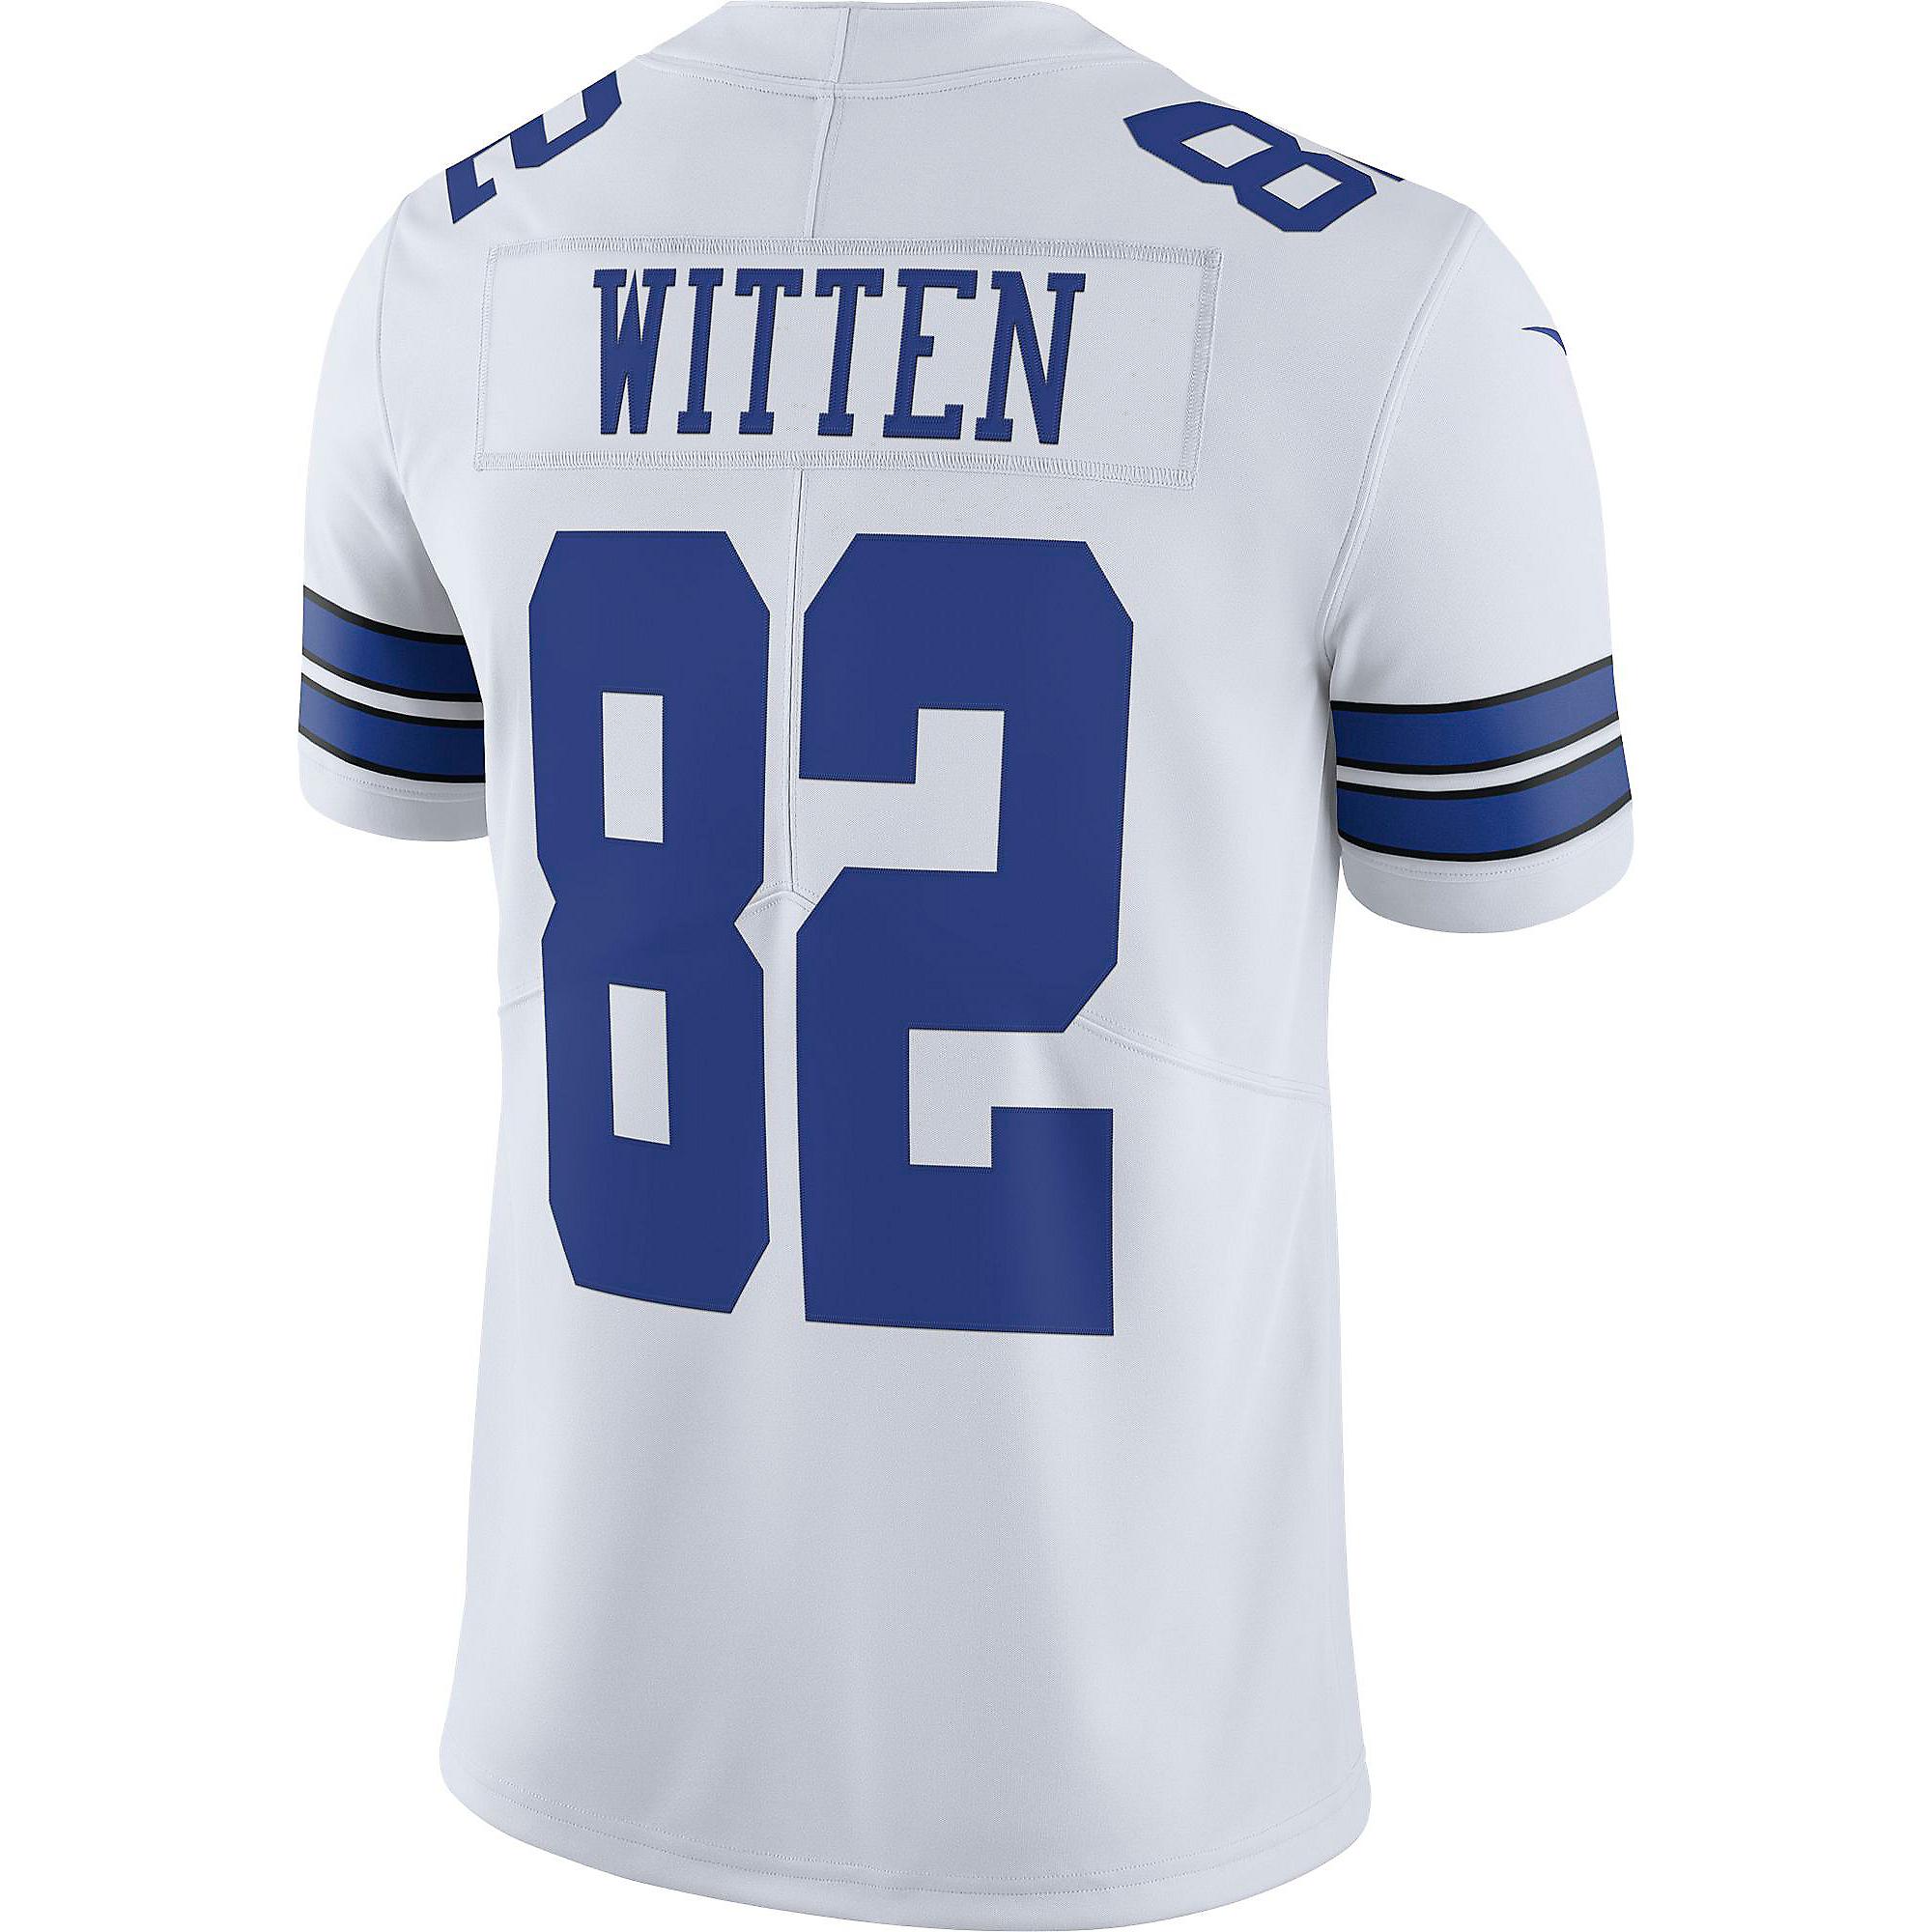 detailed look 374d4 5d8a9 Dallas Cowboys Jason Witten #82 Nike Vapor Untouchable White Limited Jersey  | Dallas Cowboys Pro Shop